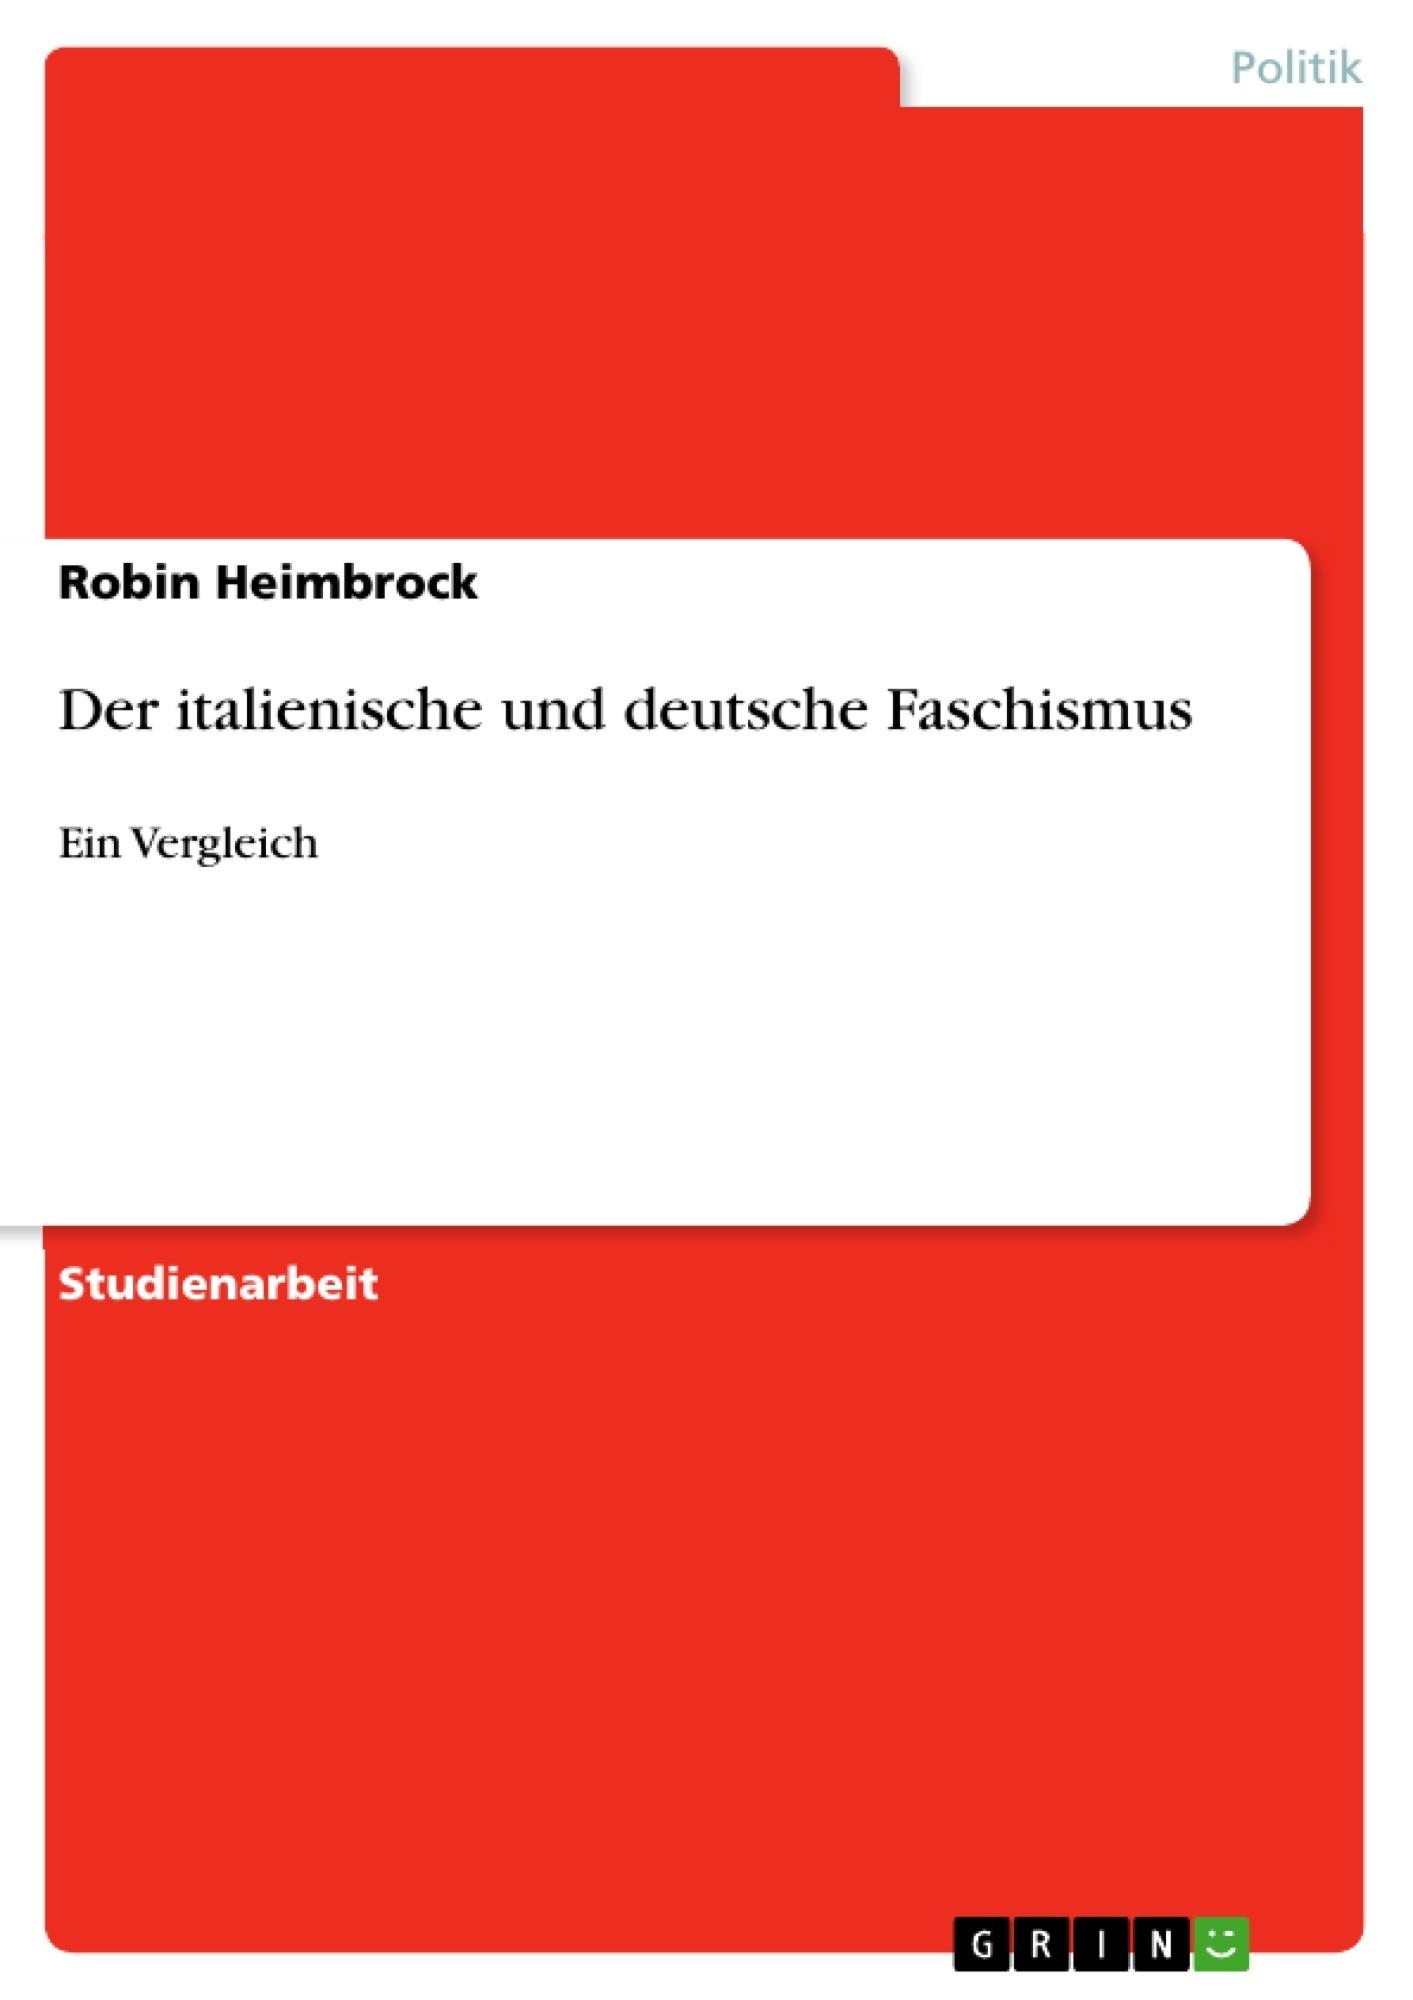 Titel: Der italienische und deutsche Faschismus